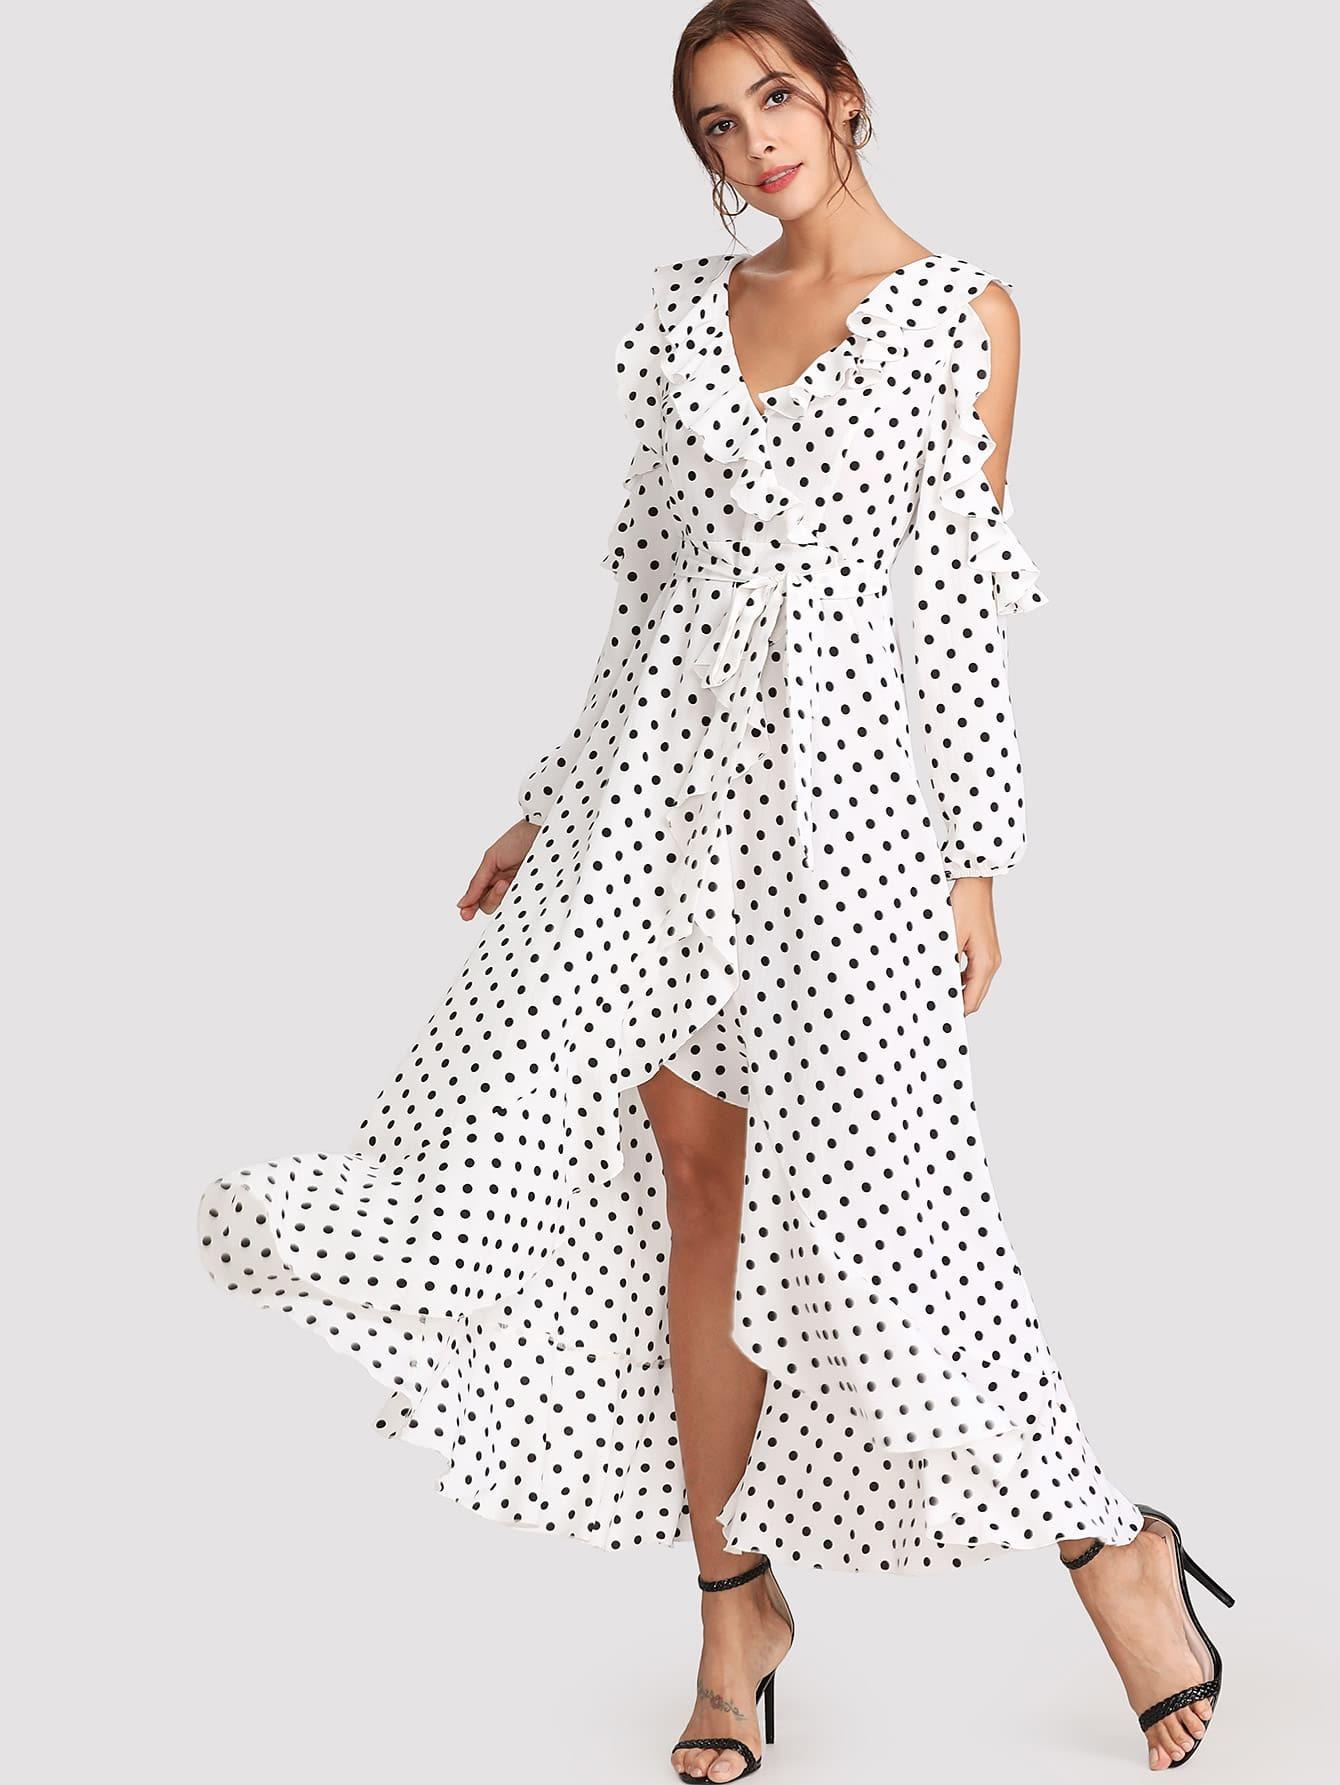 Crisscross Back Ruffle Trim Asymmetrical Polka Dot Dress crisscross back overall dress